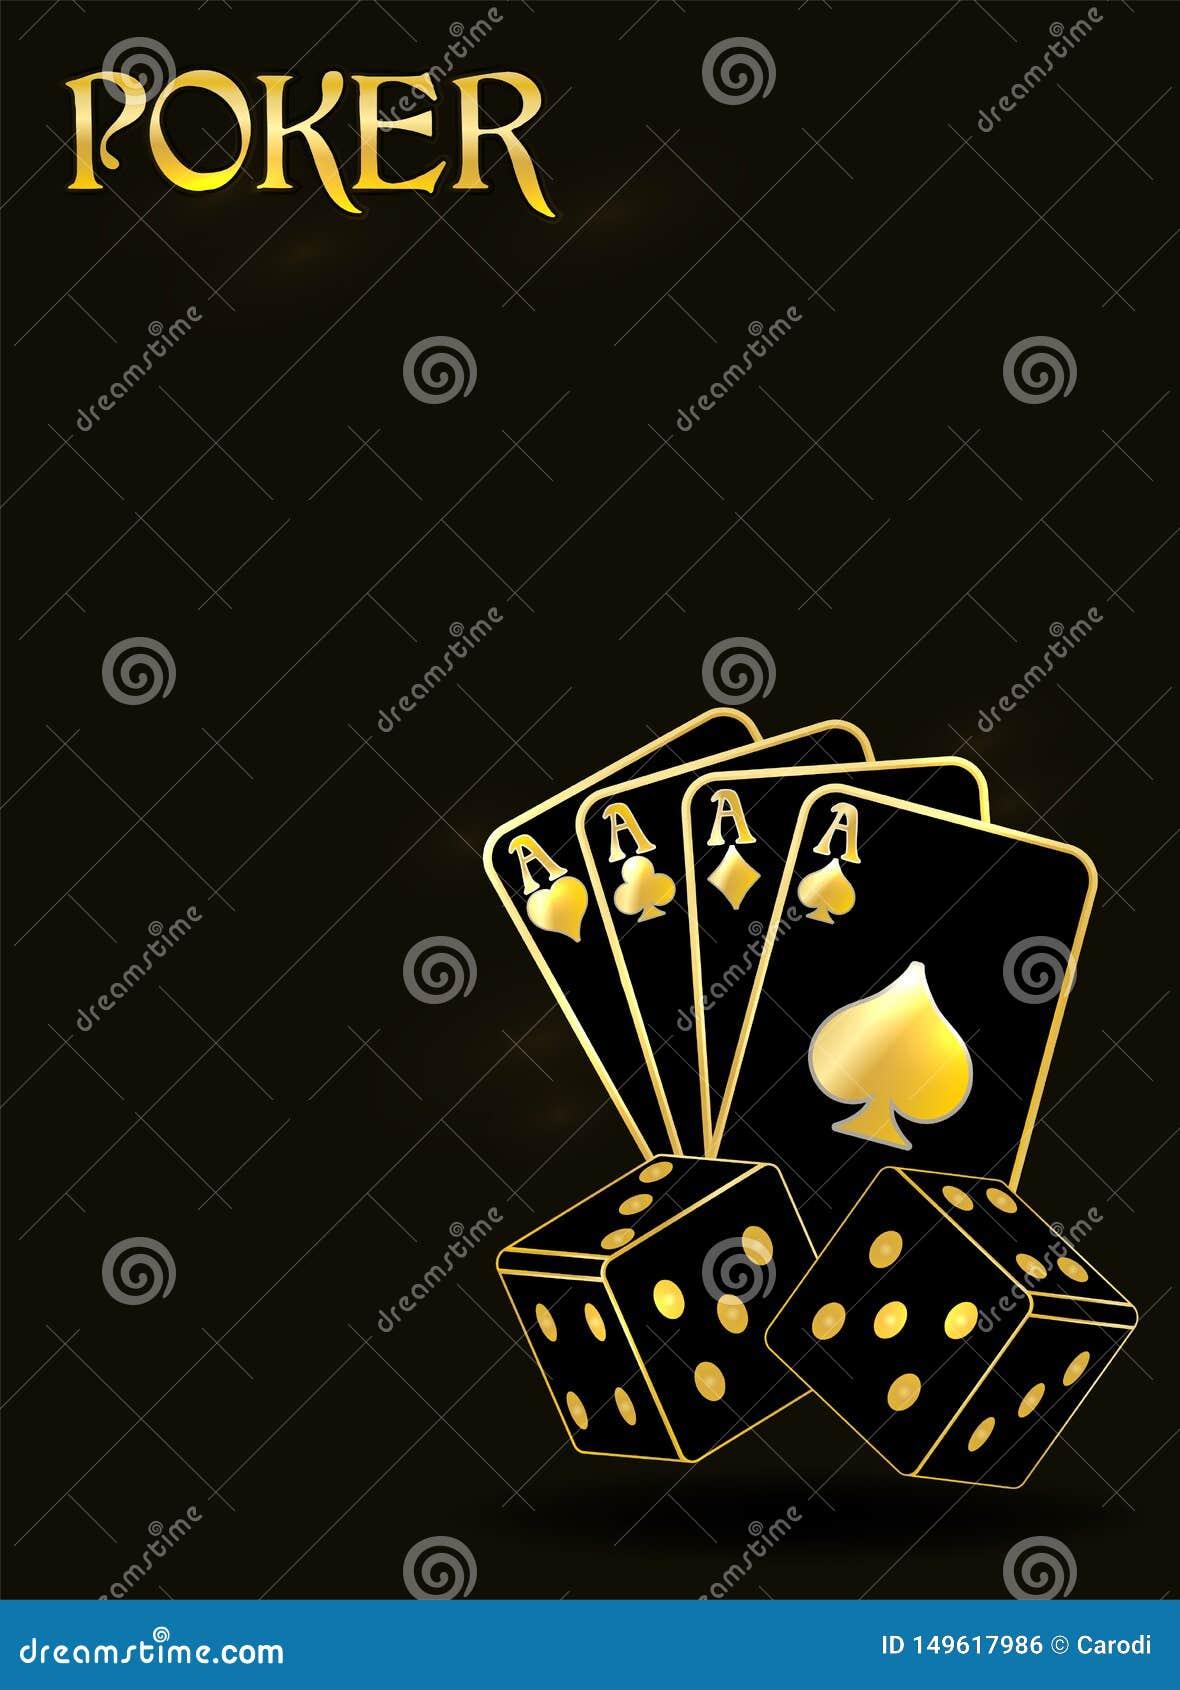 Poker Vip Invitation Banner Vector Stock Vector Illustration Of Golden Fortune 149617986